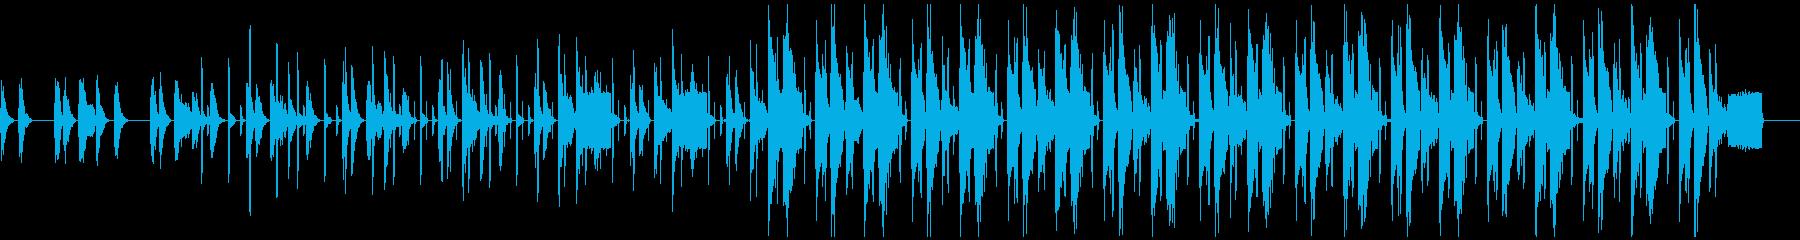 シンプルでリズム重視なテクノ風BGMですの再生済みの波形